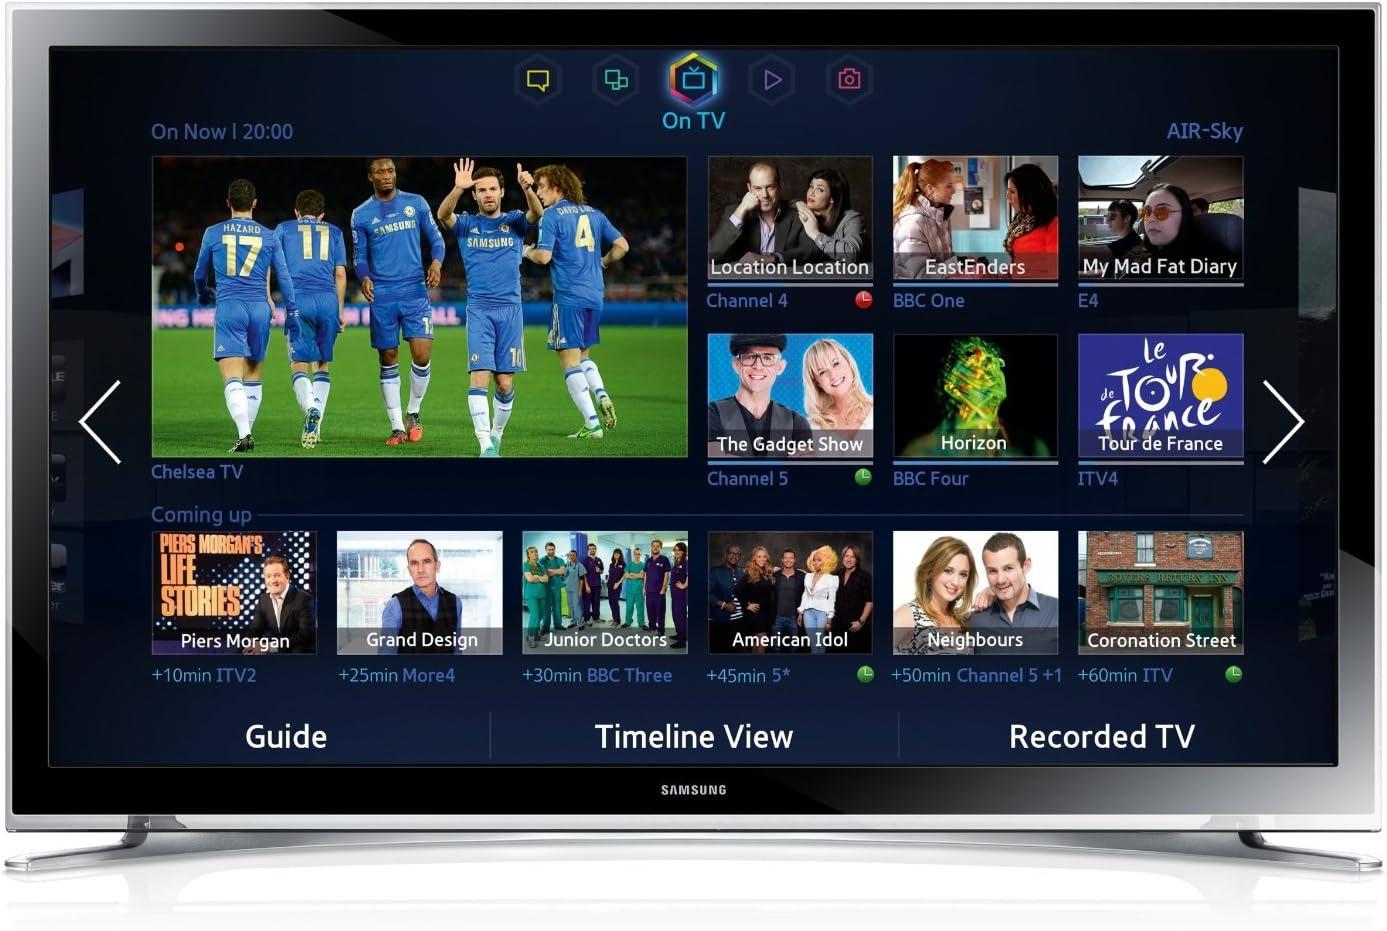 SAMSUNG 32 TV LED SMART TV UE32F4500: Amazon.es: Electrónica